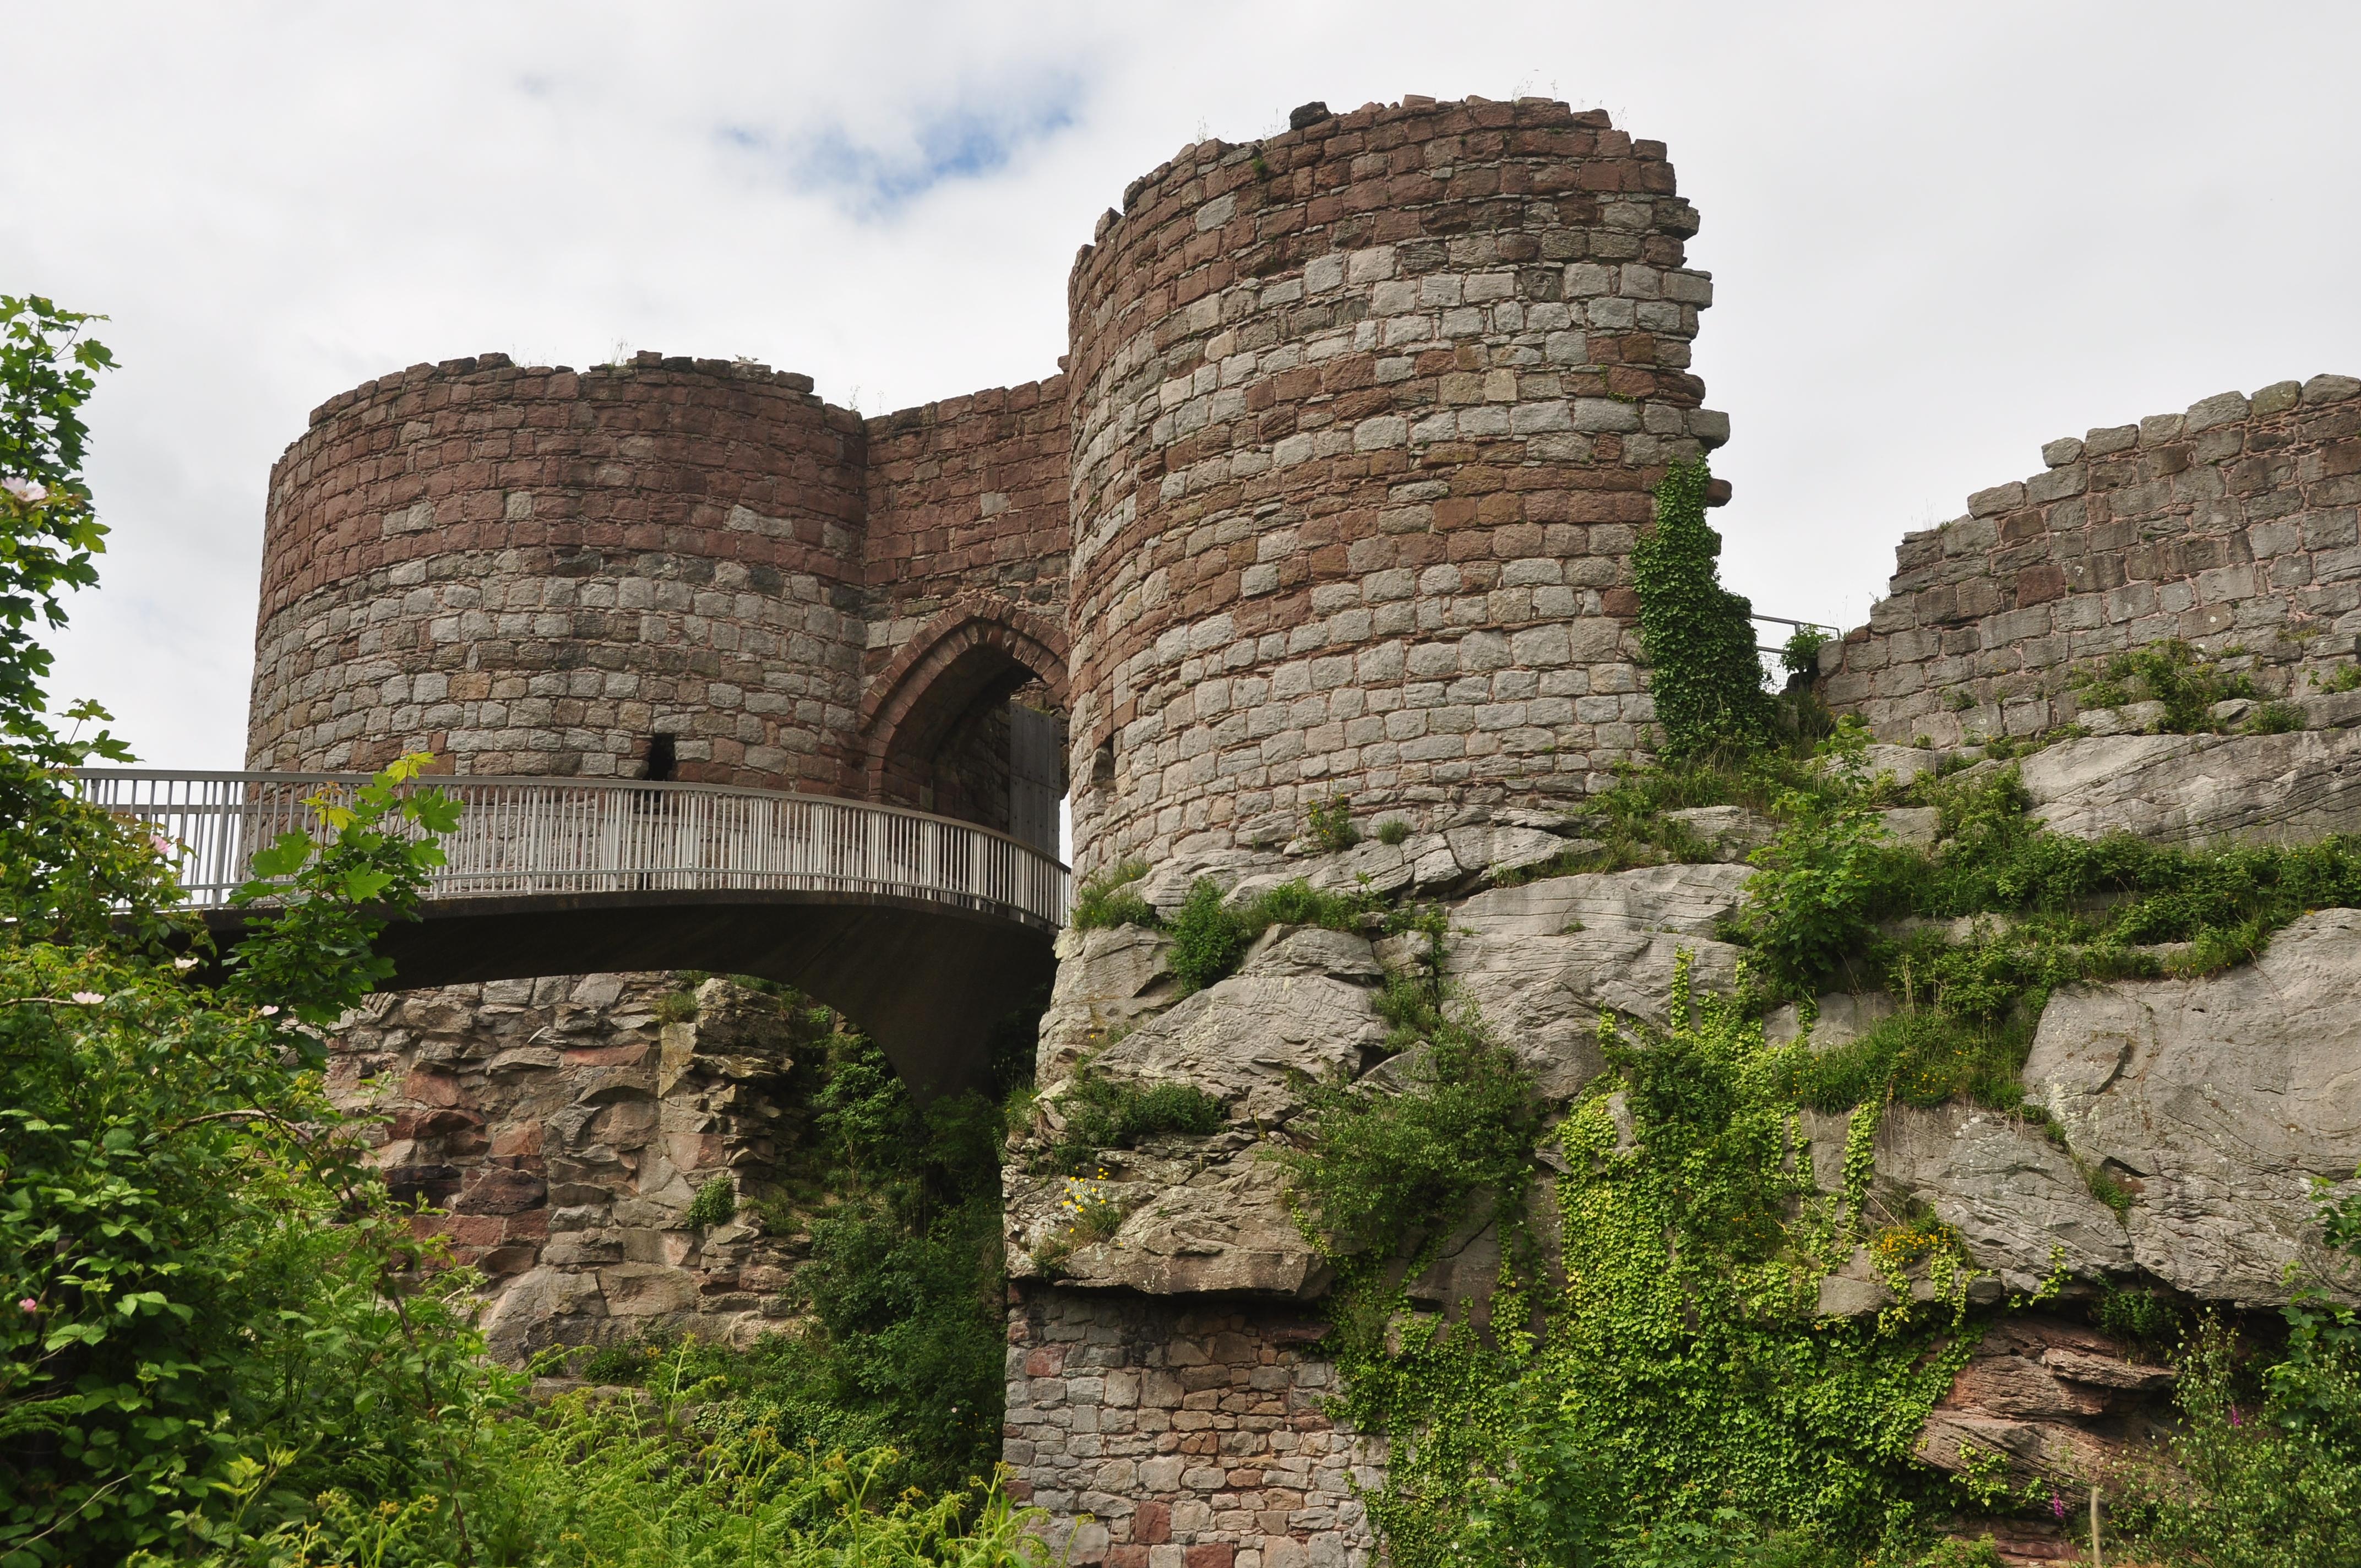 File:Beeston Castle (5363).jpg - Wikimedia Commons